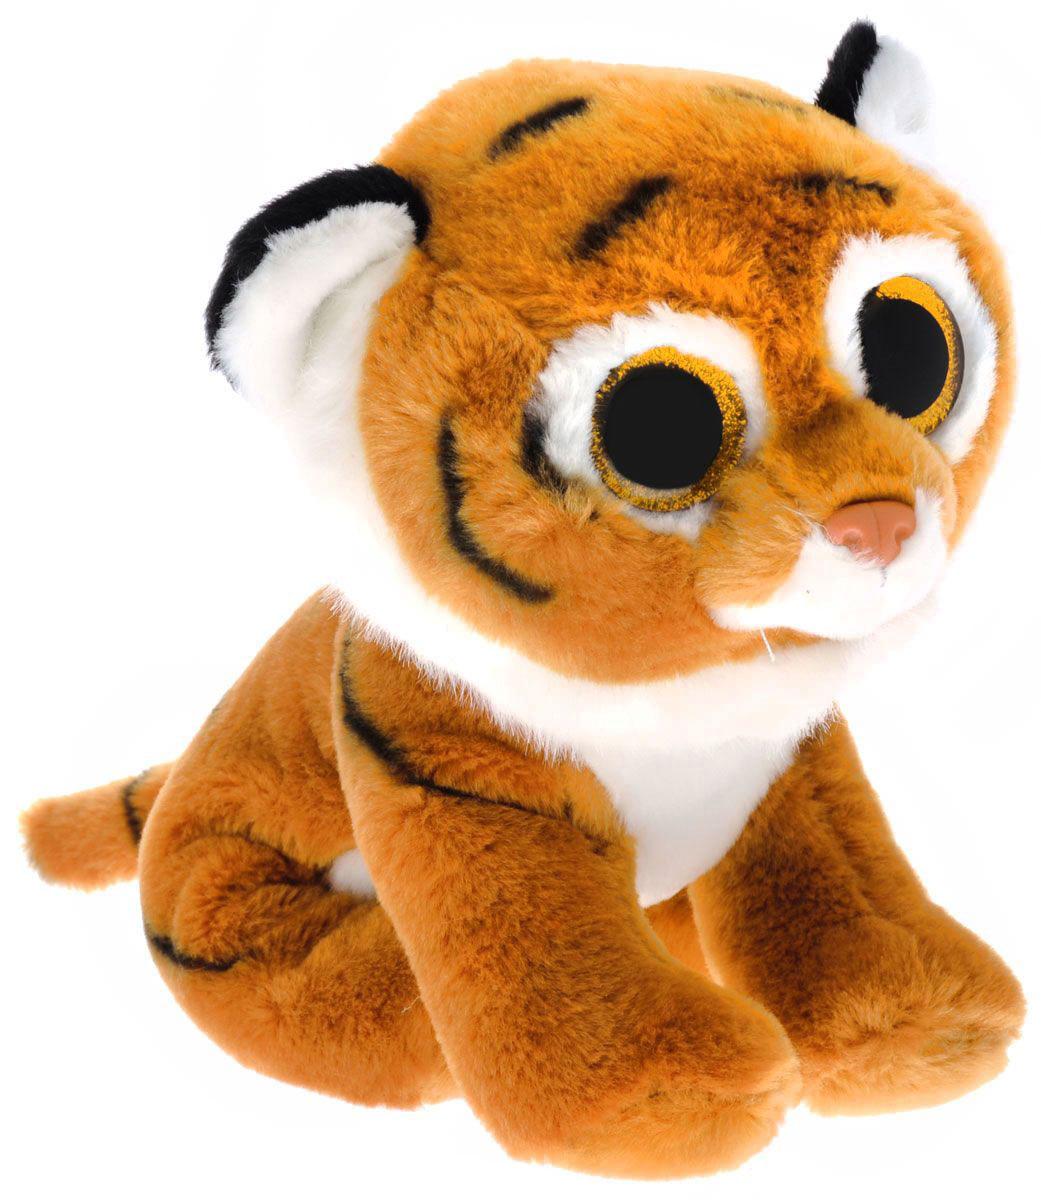 картинки с мягкими игрушками с большими глазами типы